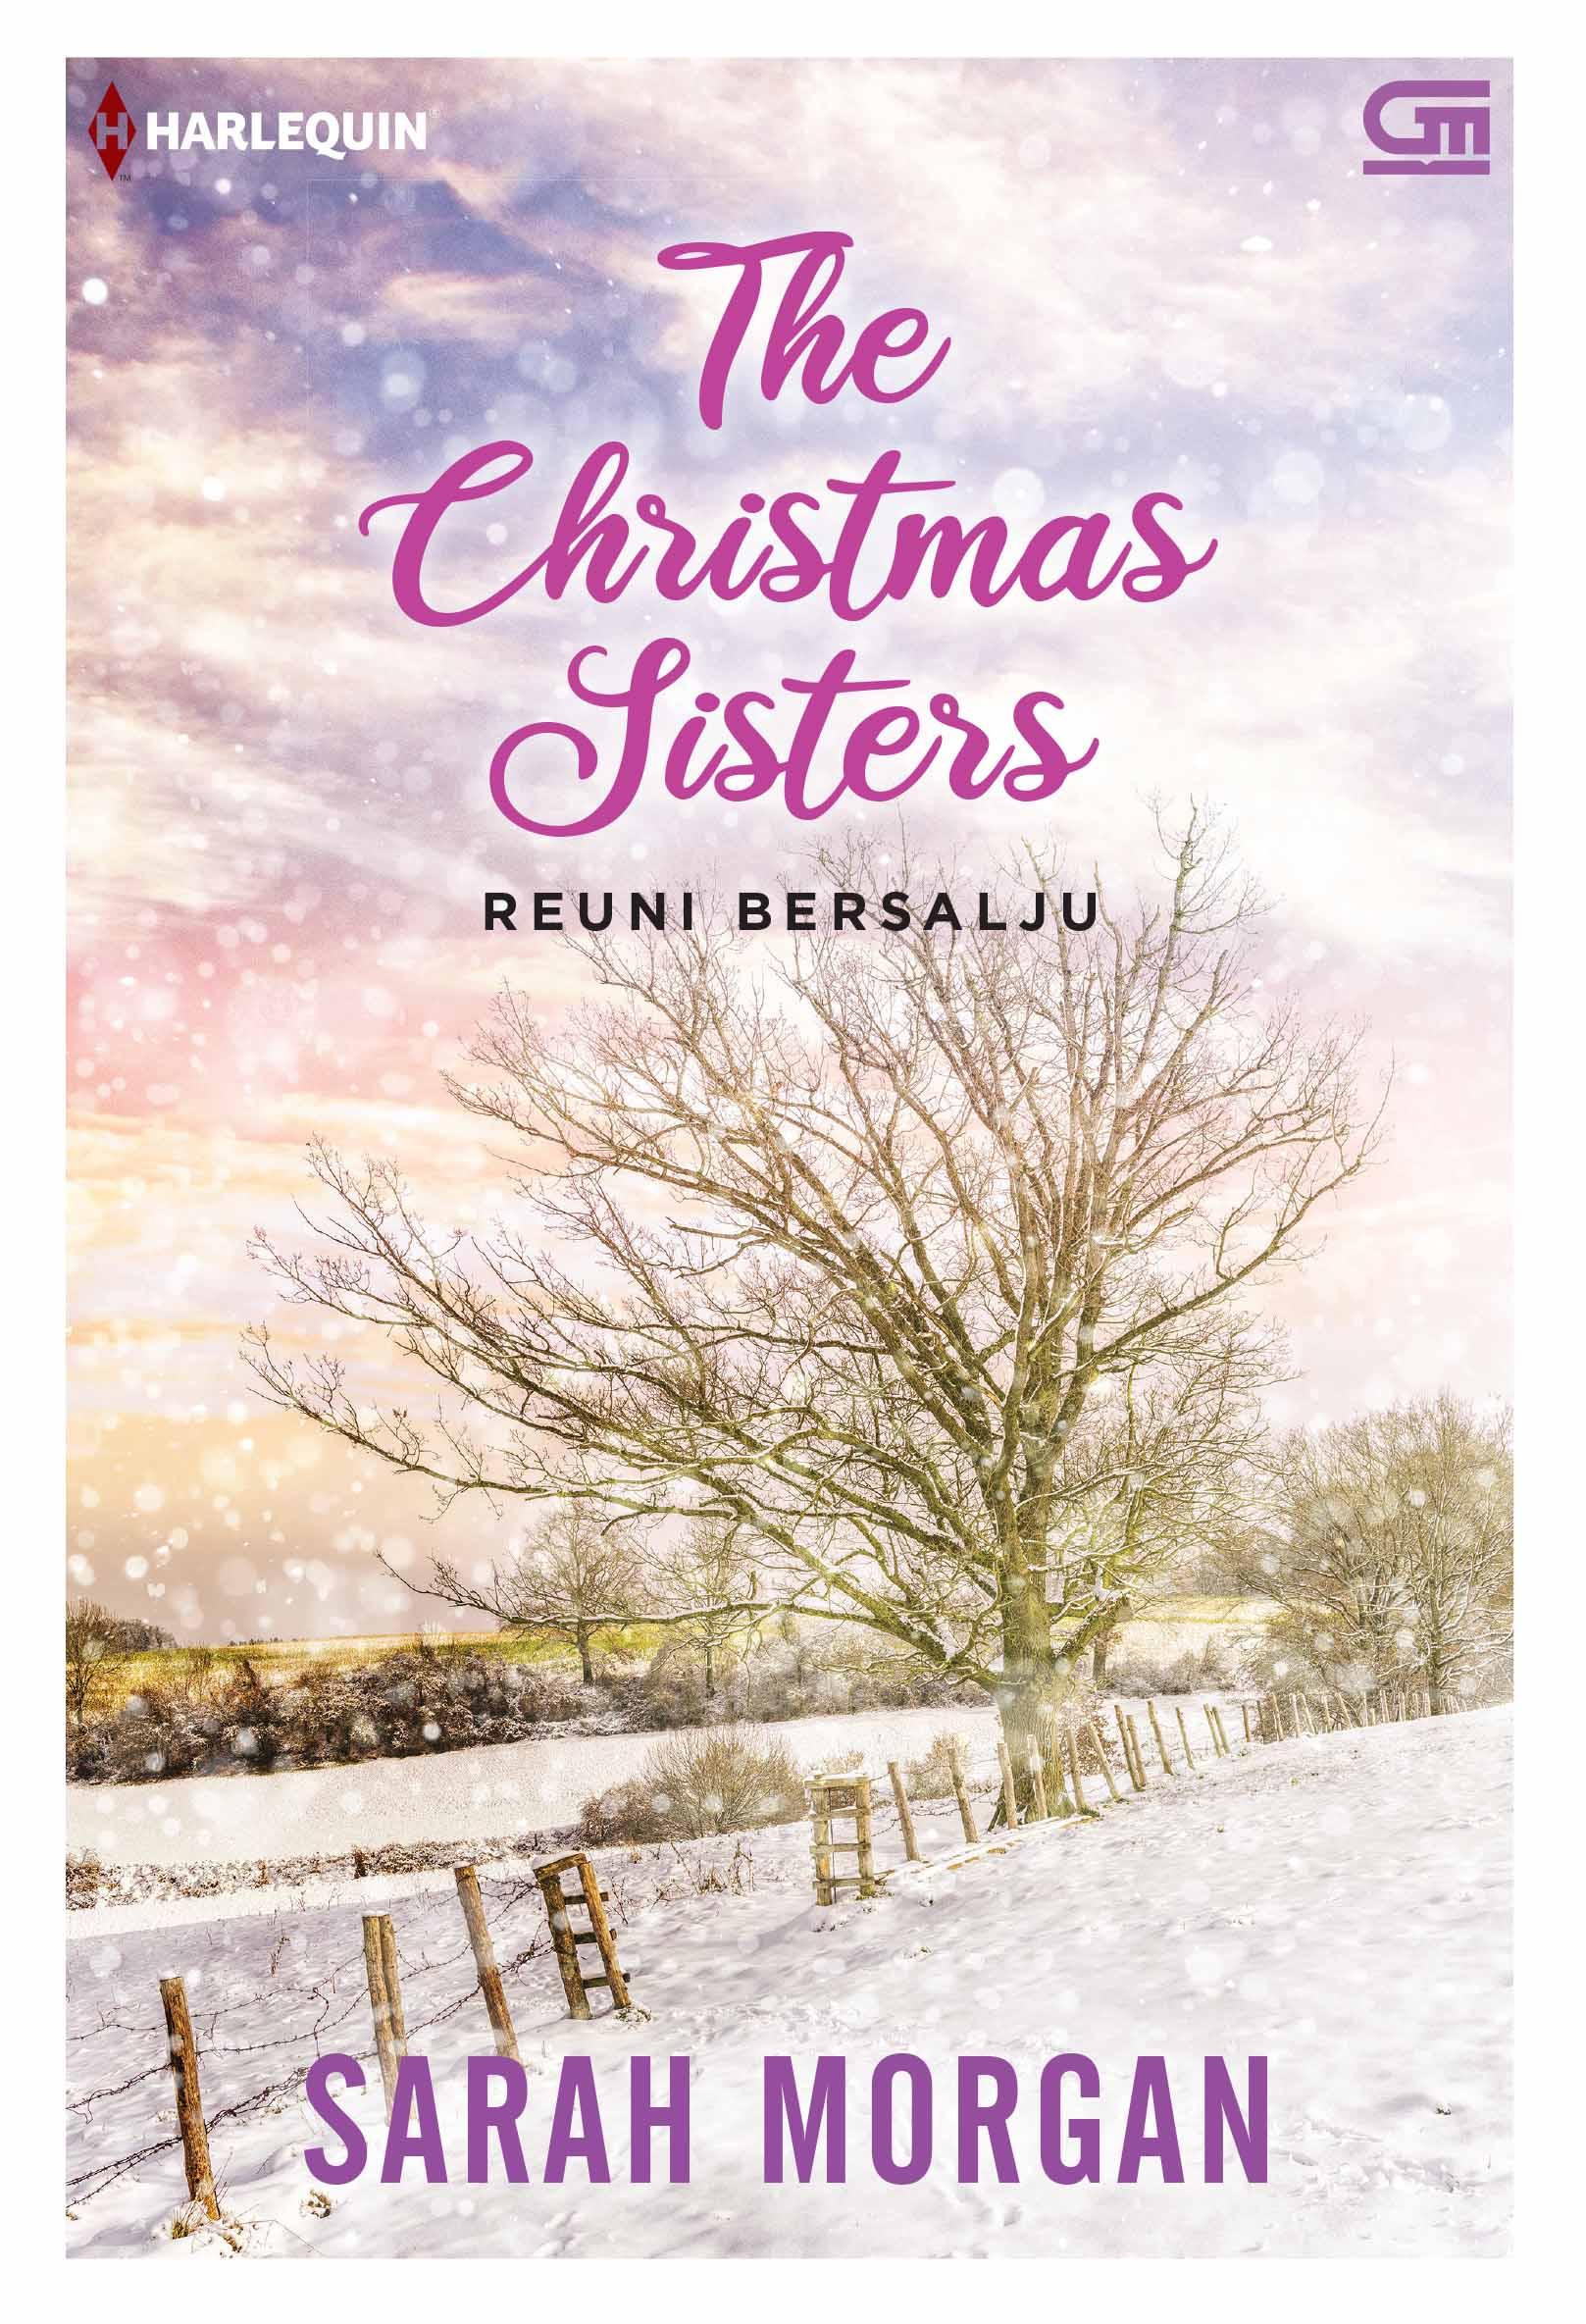 Harlequin: Reuni Bersalju (The Christmas Sisters)